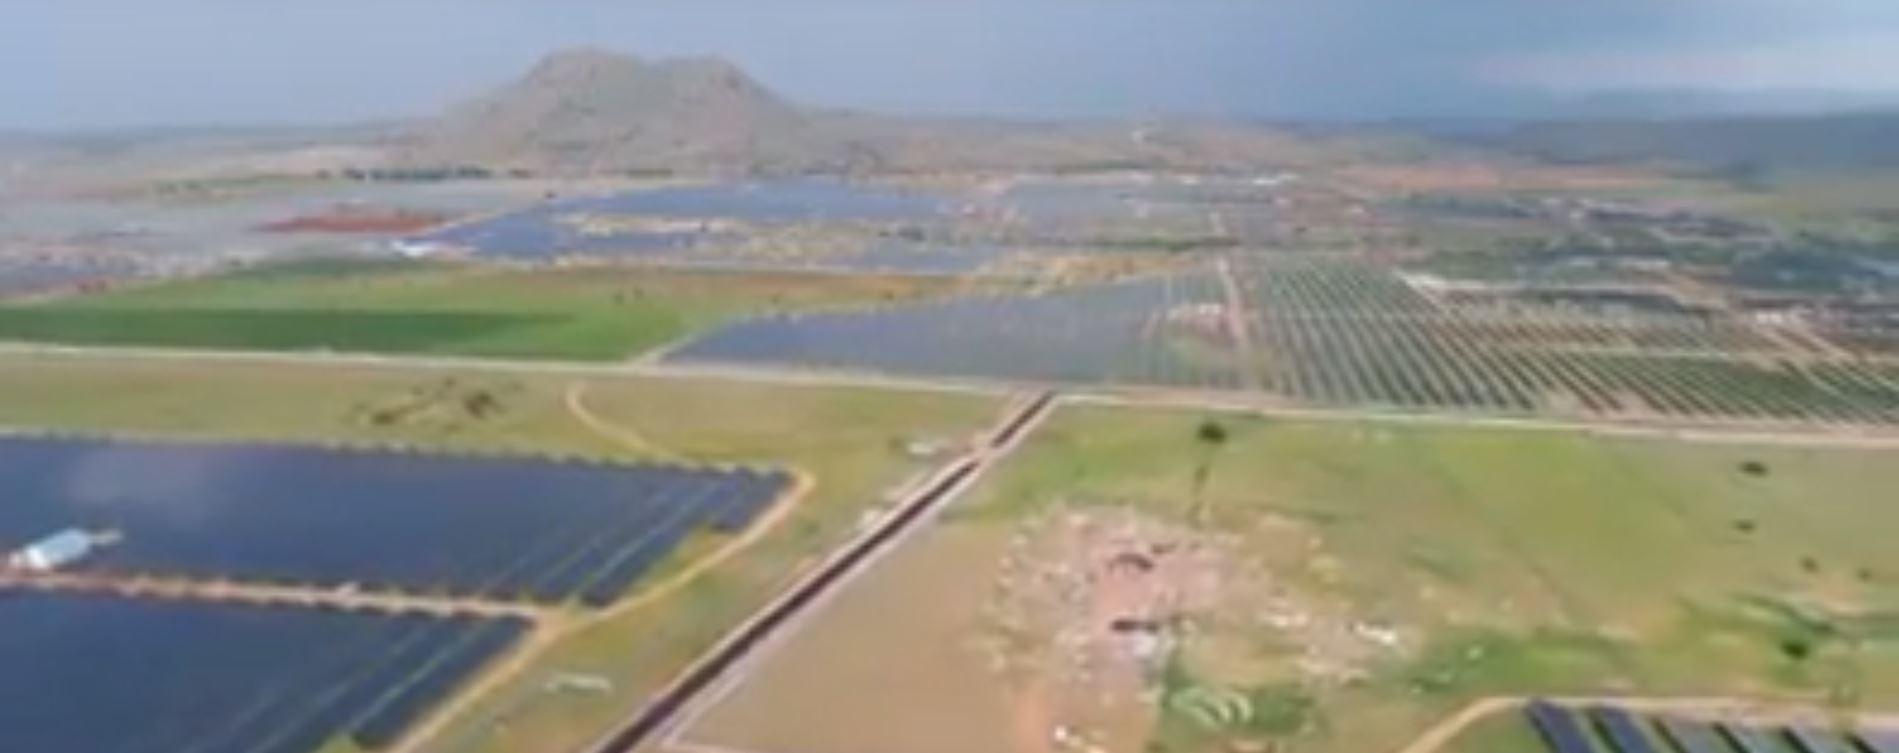 Солнечная электростанция индийского технического центра Карнатака